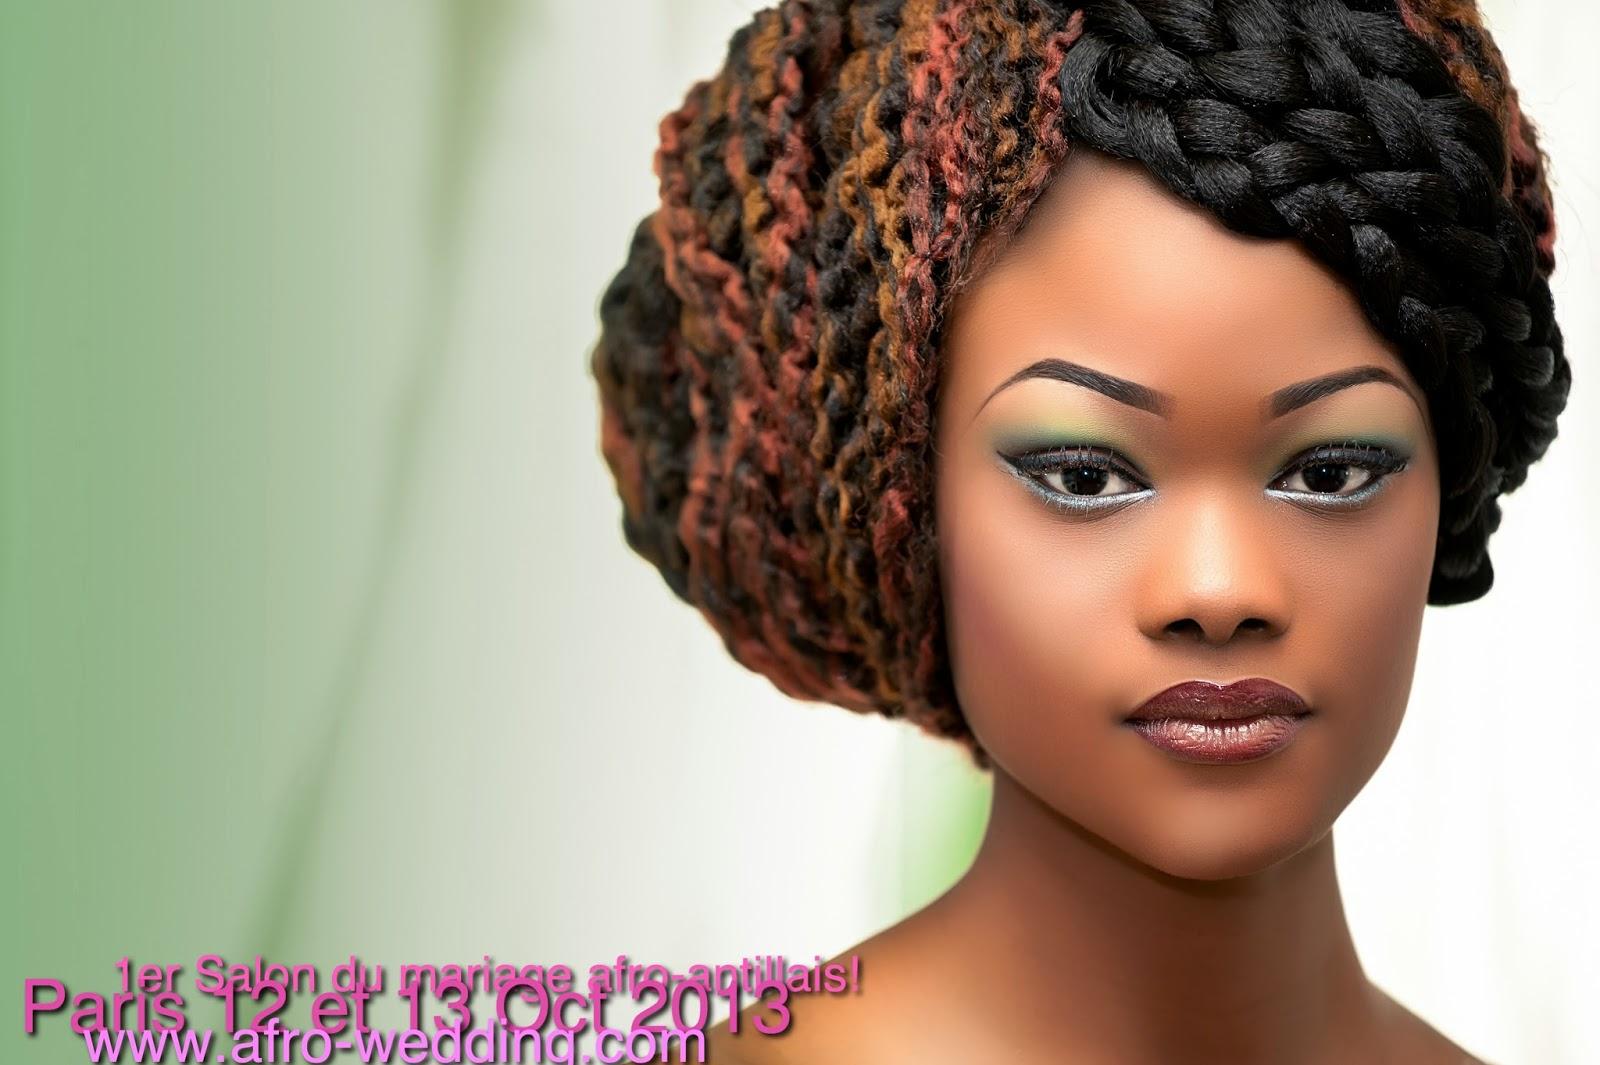 Salon de coiffure afro paris for Meilleur salon afro paris